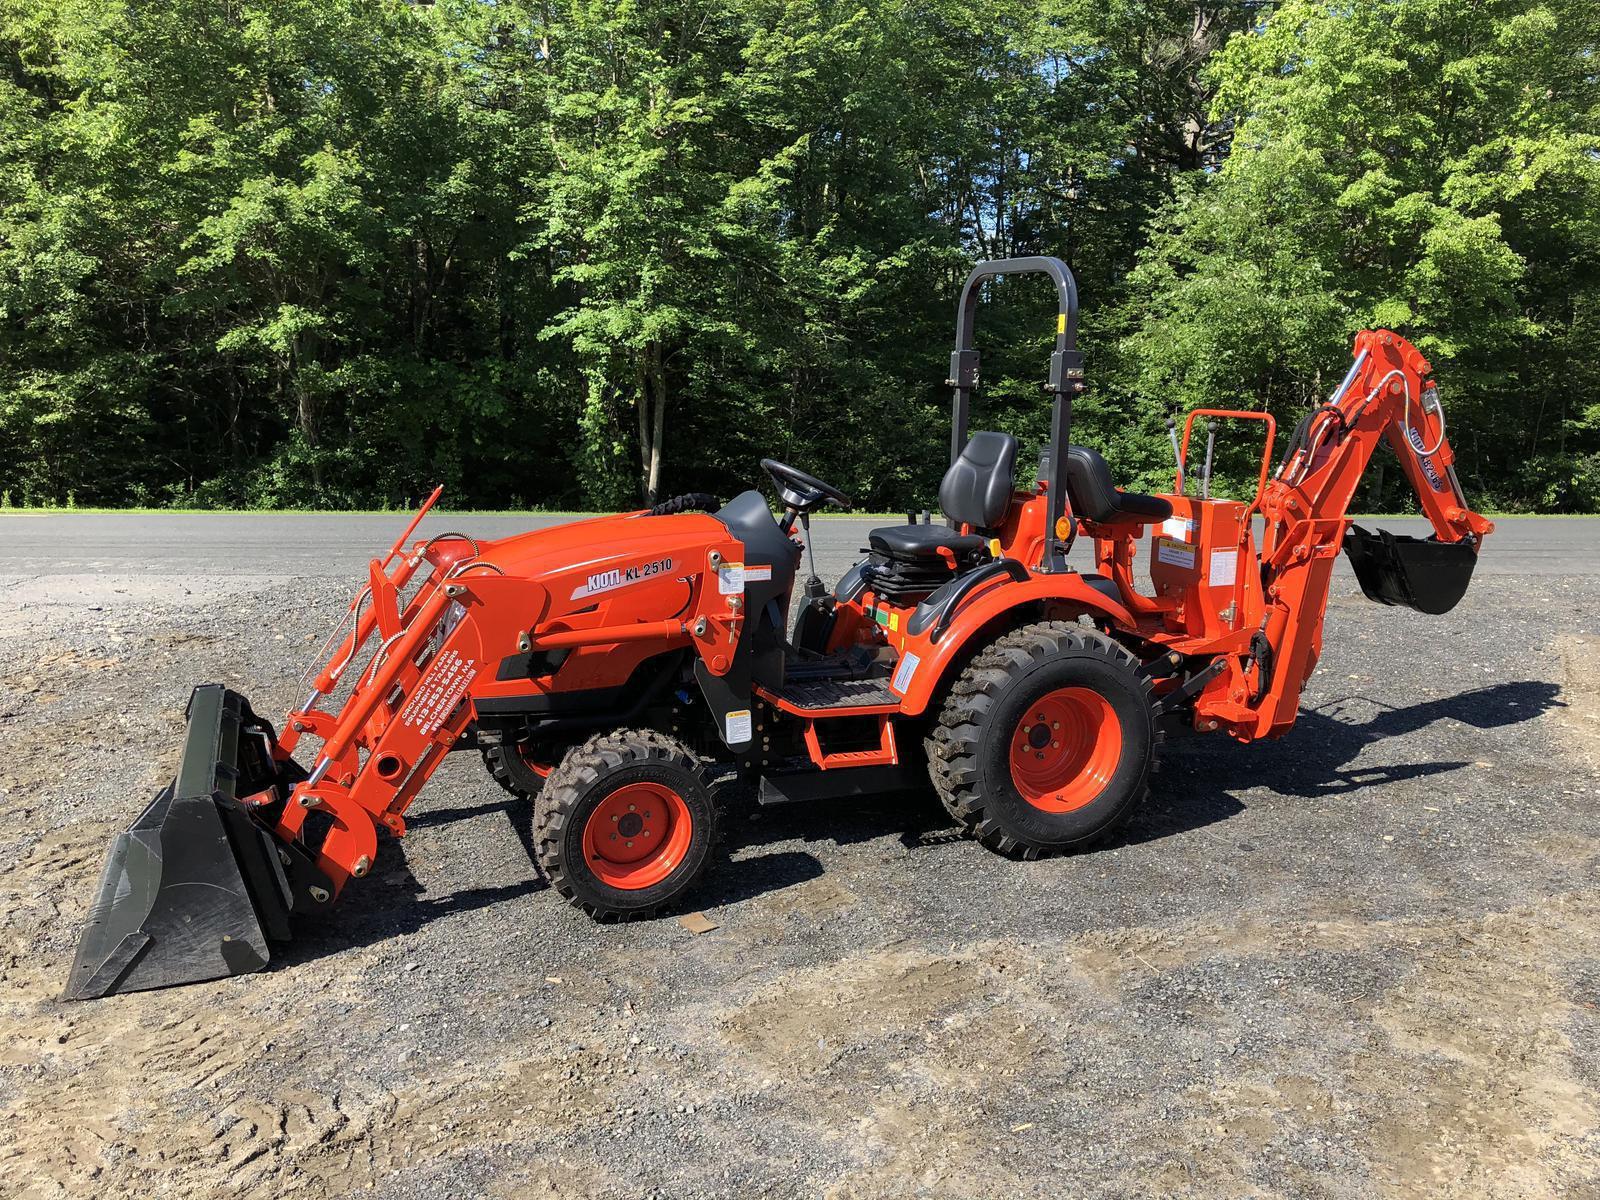 Kioti CK2510 HST Tractor Loader & Backhoe for sale in